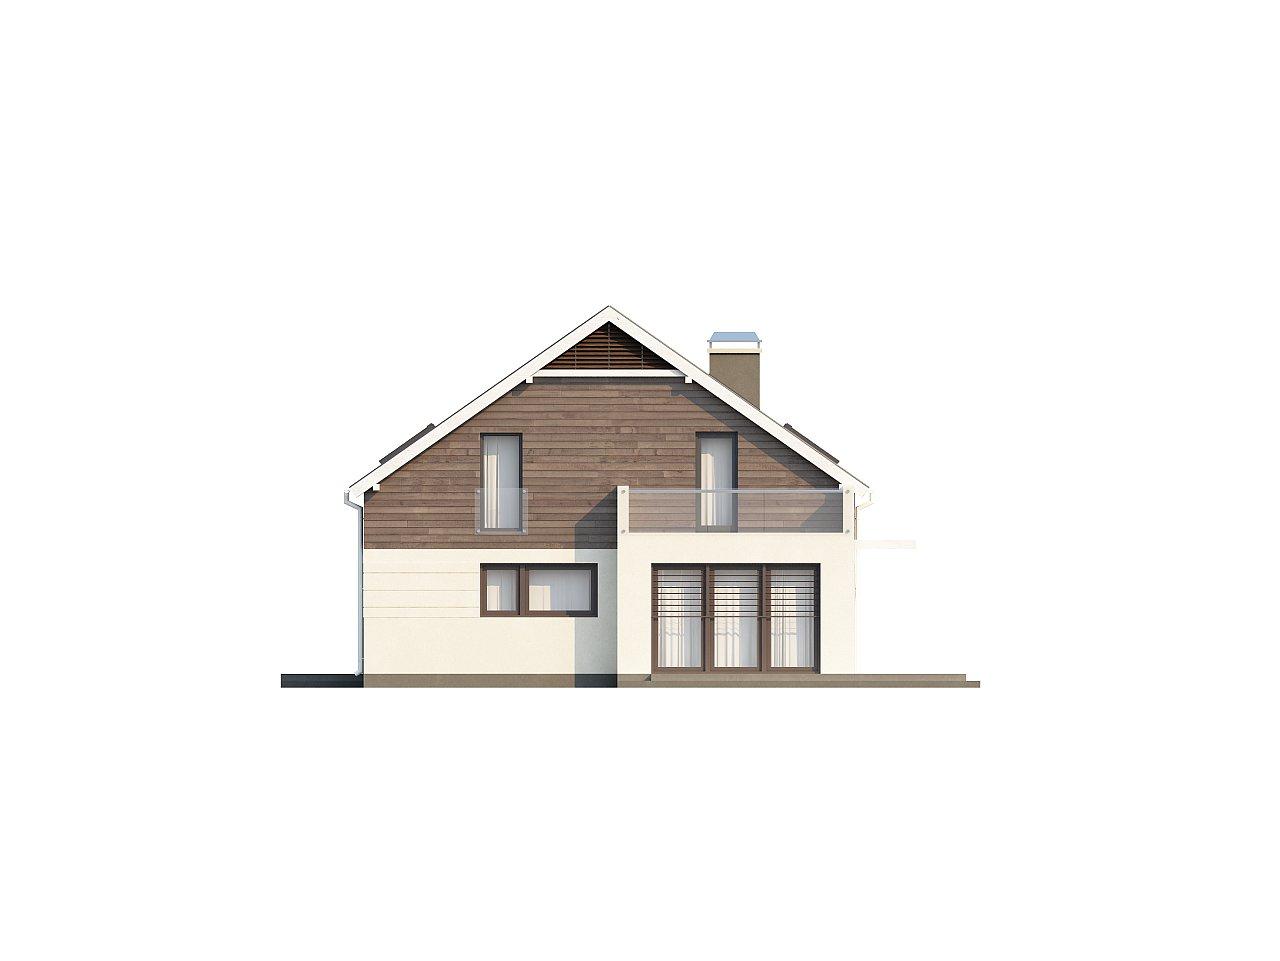 Простой и удобный дом для симметричной застройки с боковым гаражом. - фото 6